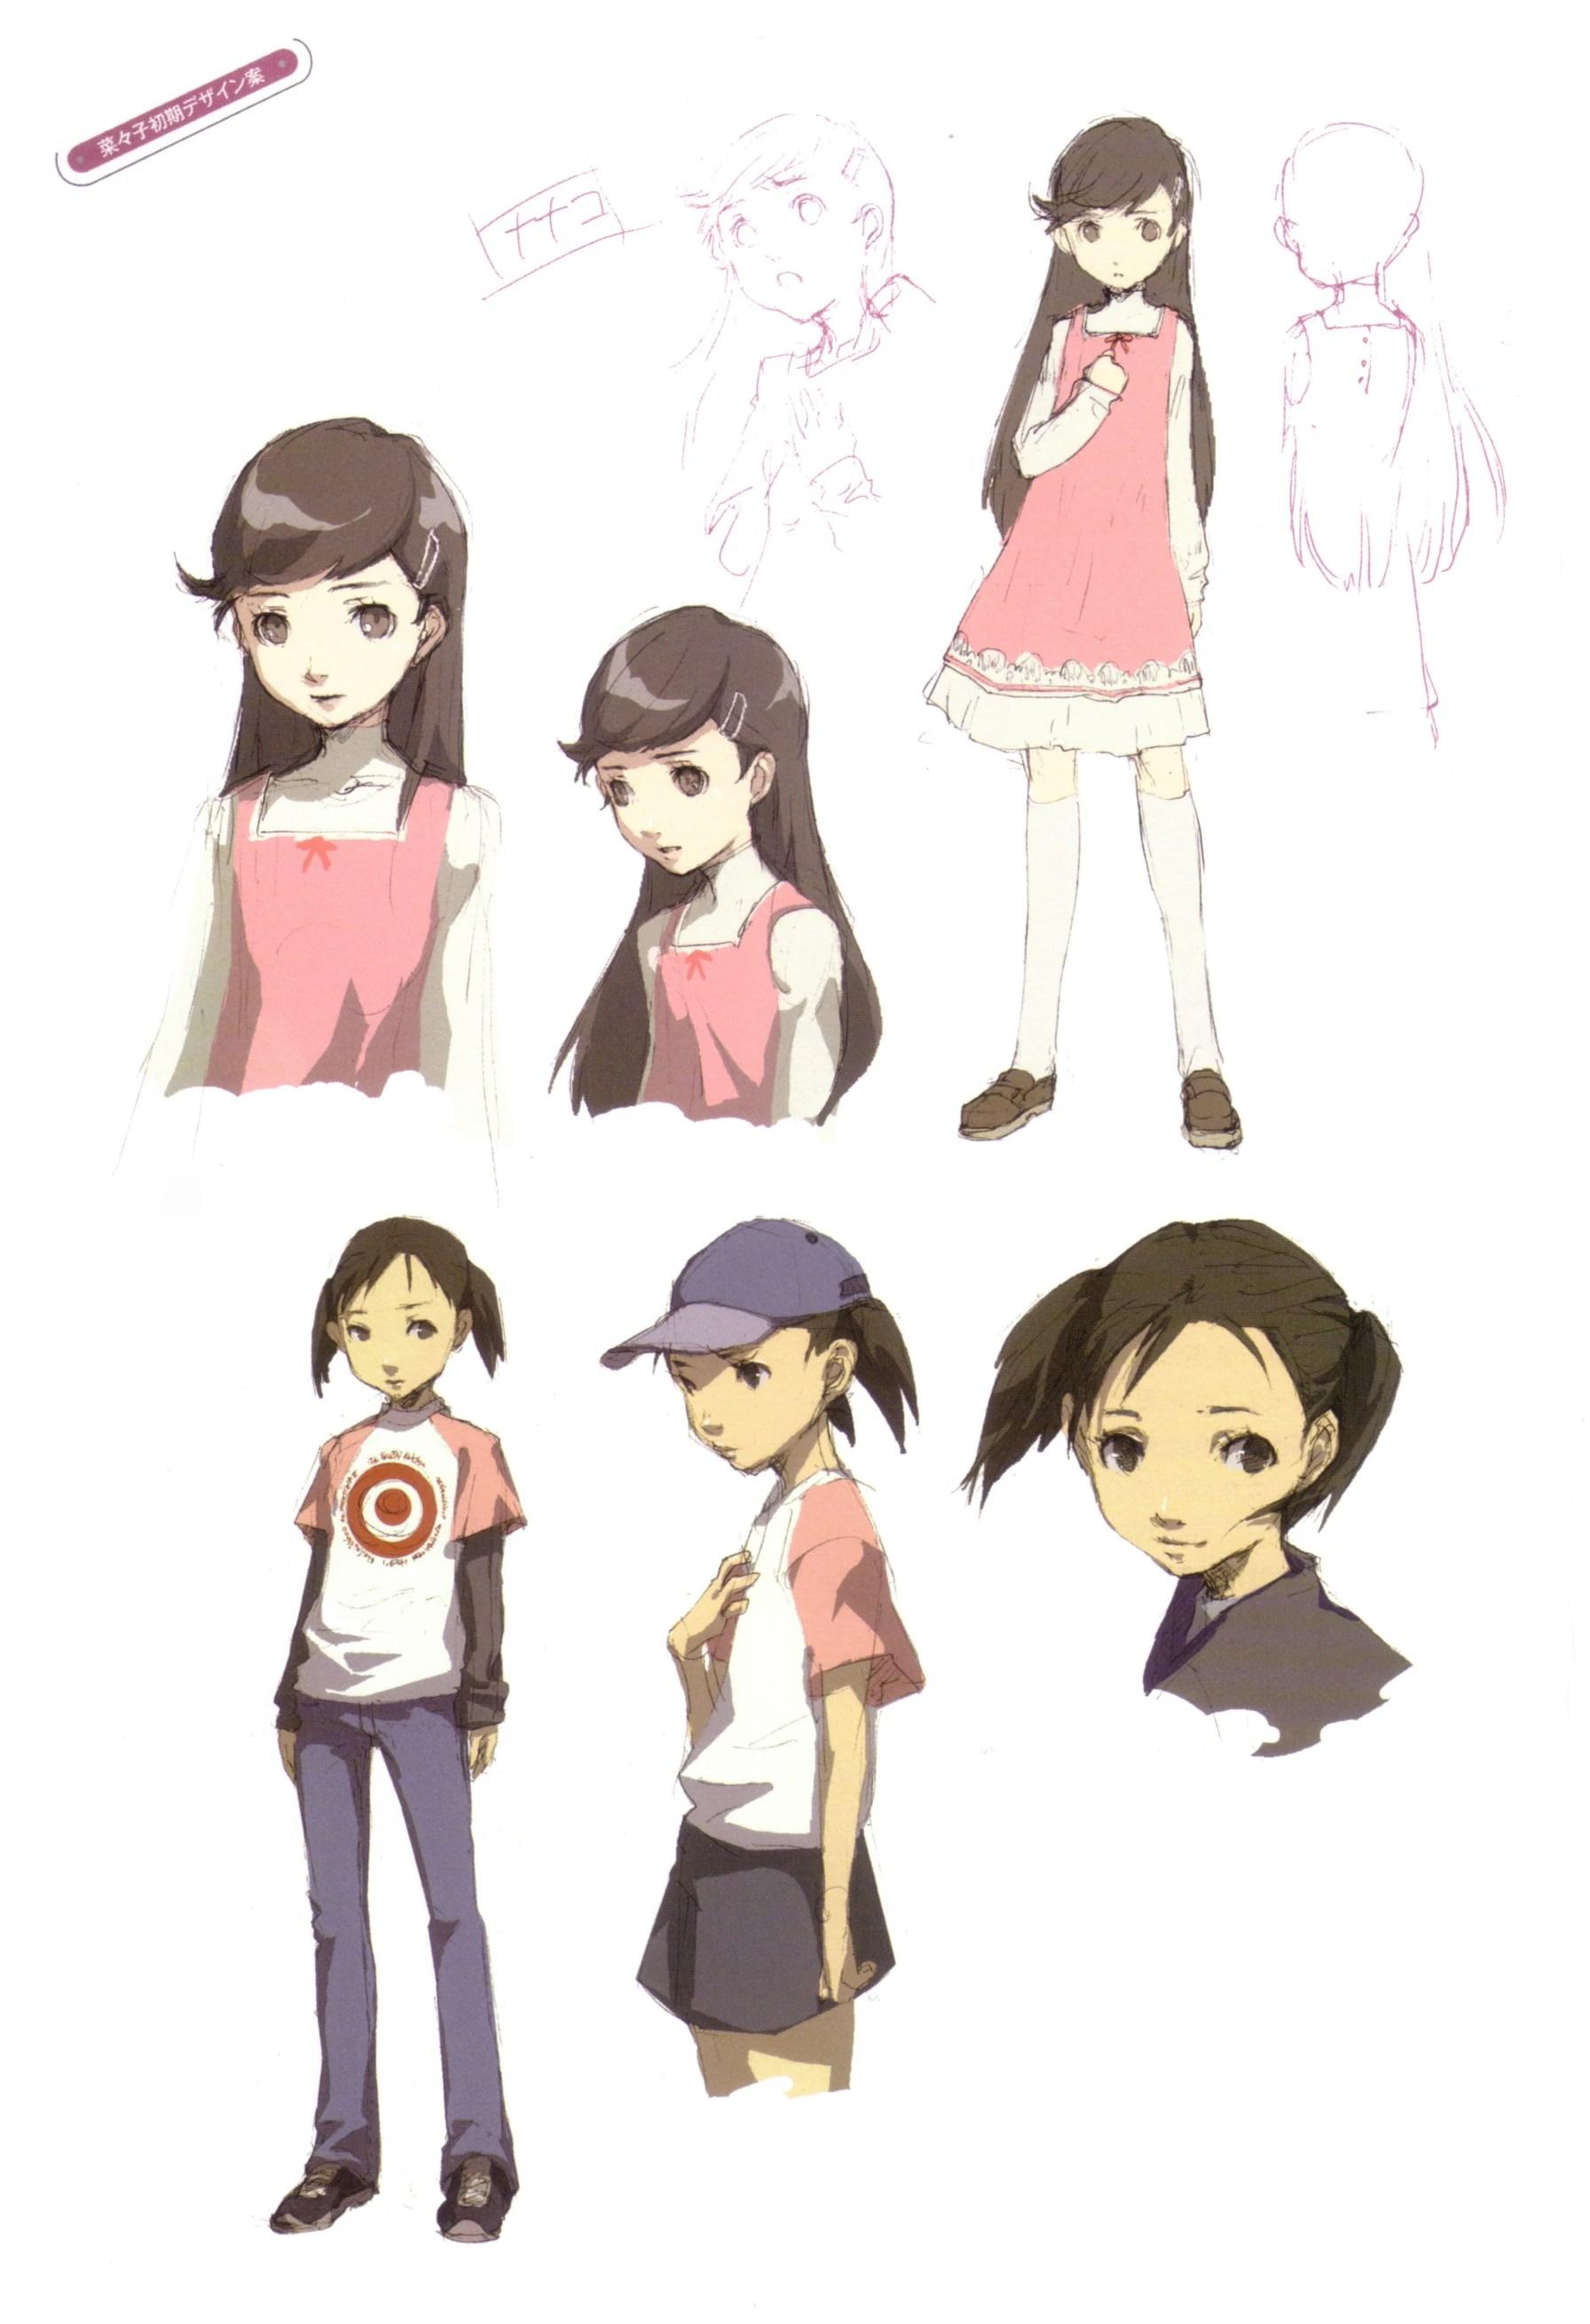 Persona 4 Cute Chie Wallpaper Nanako Concept2